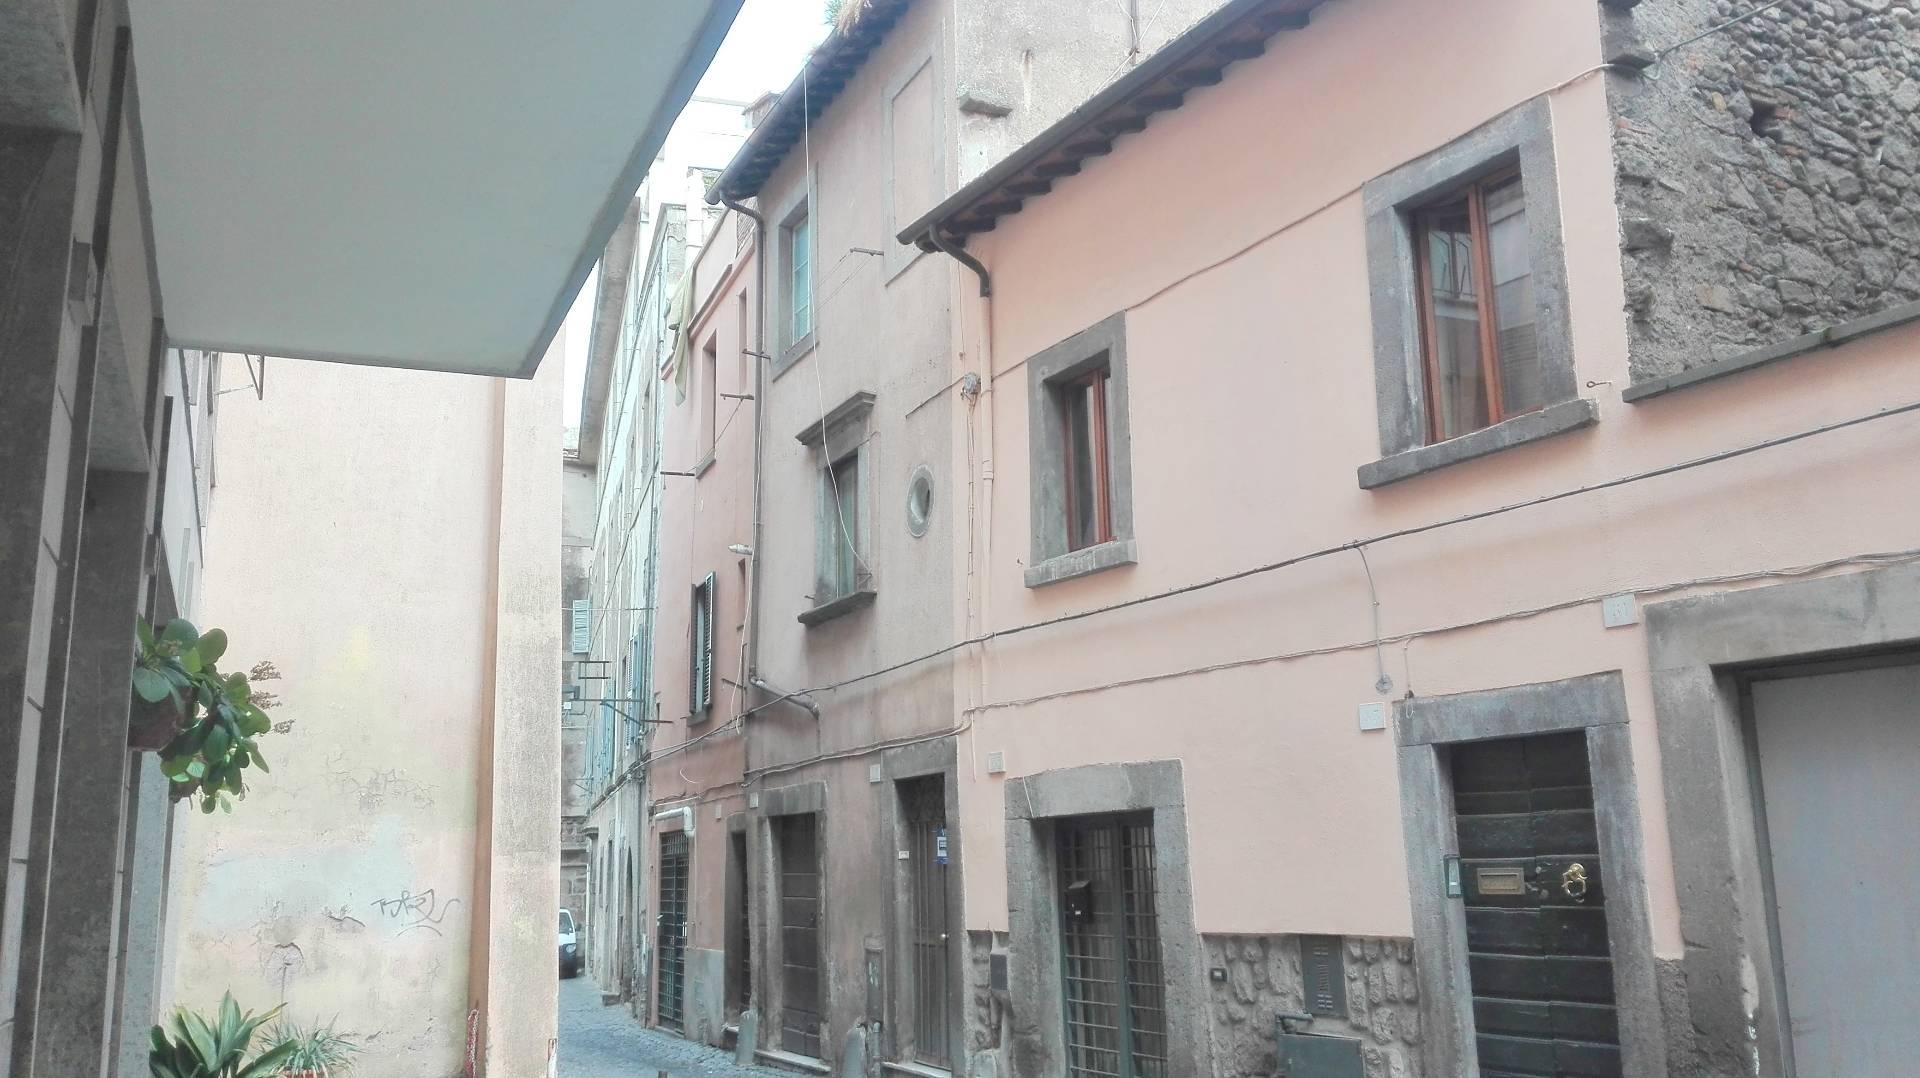 Soluzione Indipendente in vendita a Viterbo, 4 locali, zona Zona: Centro, prezzo € 89.000 | CambioCasa.it